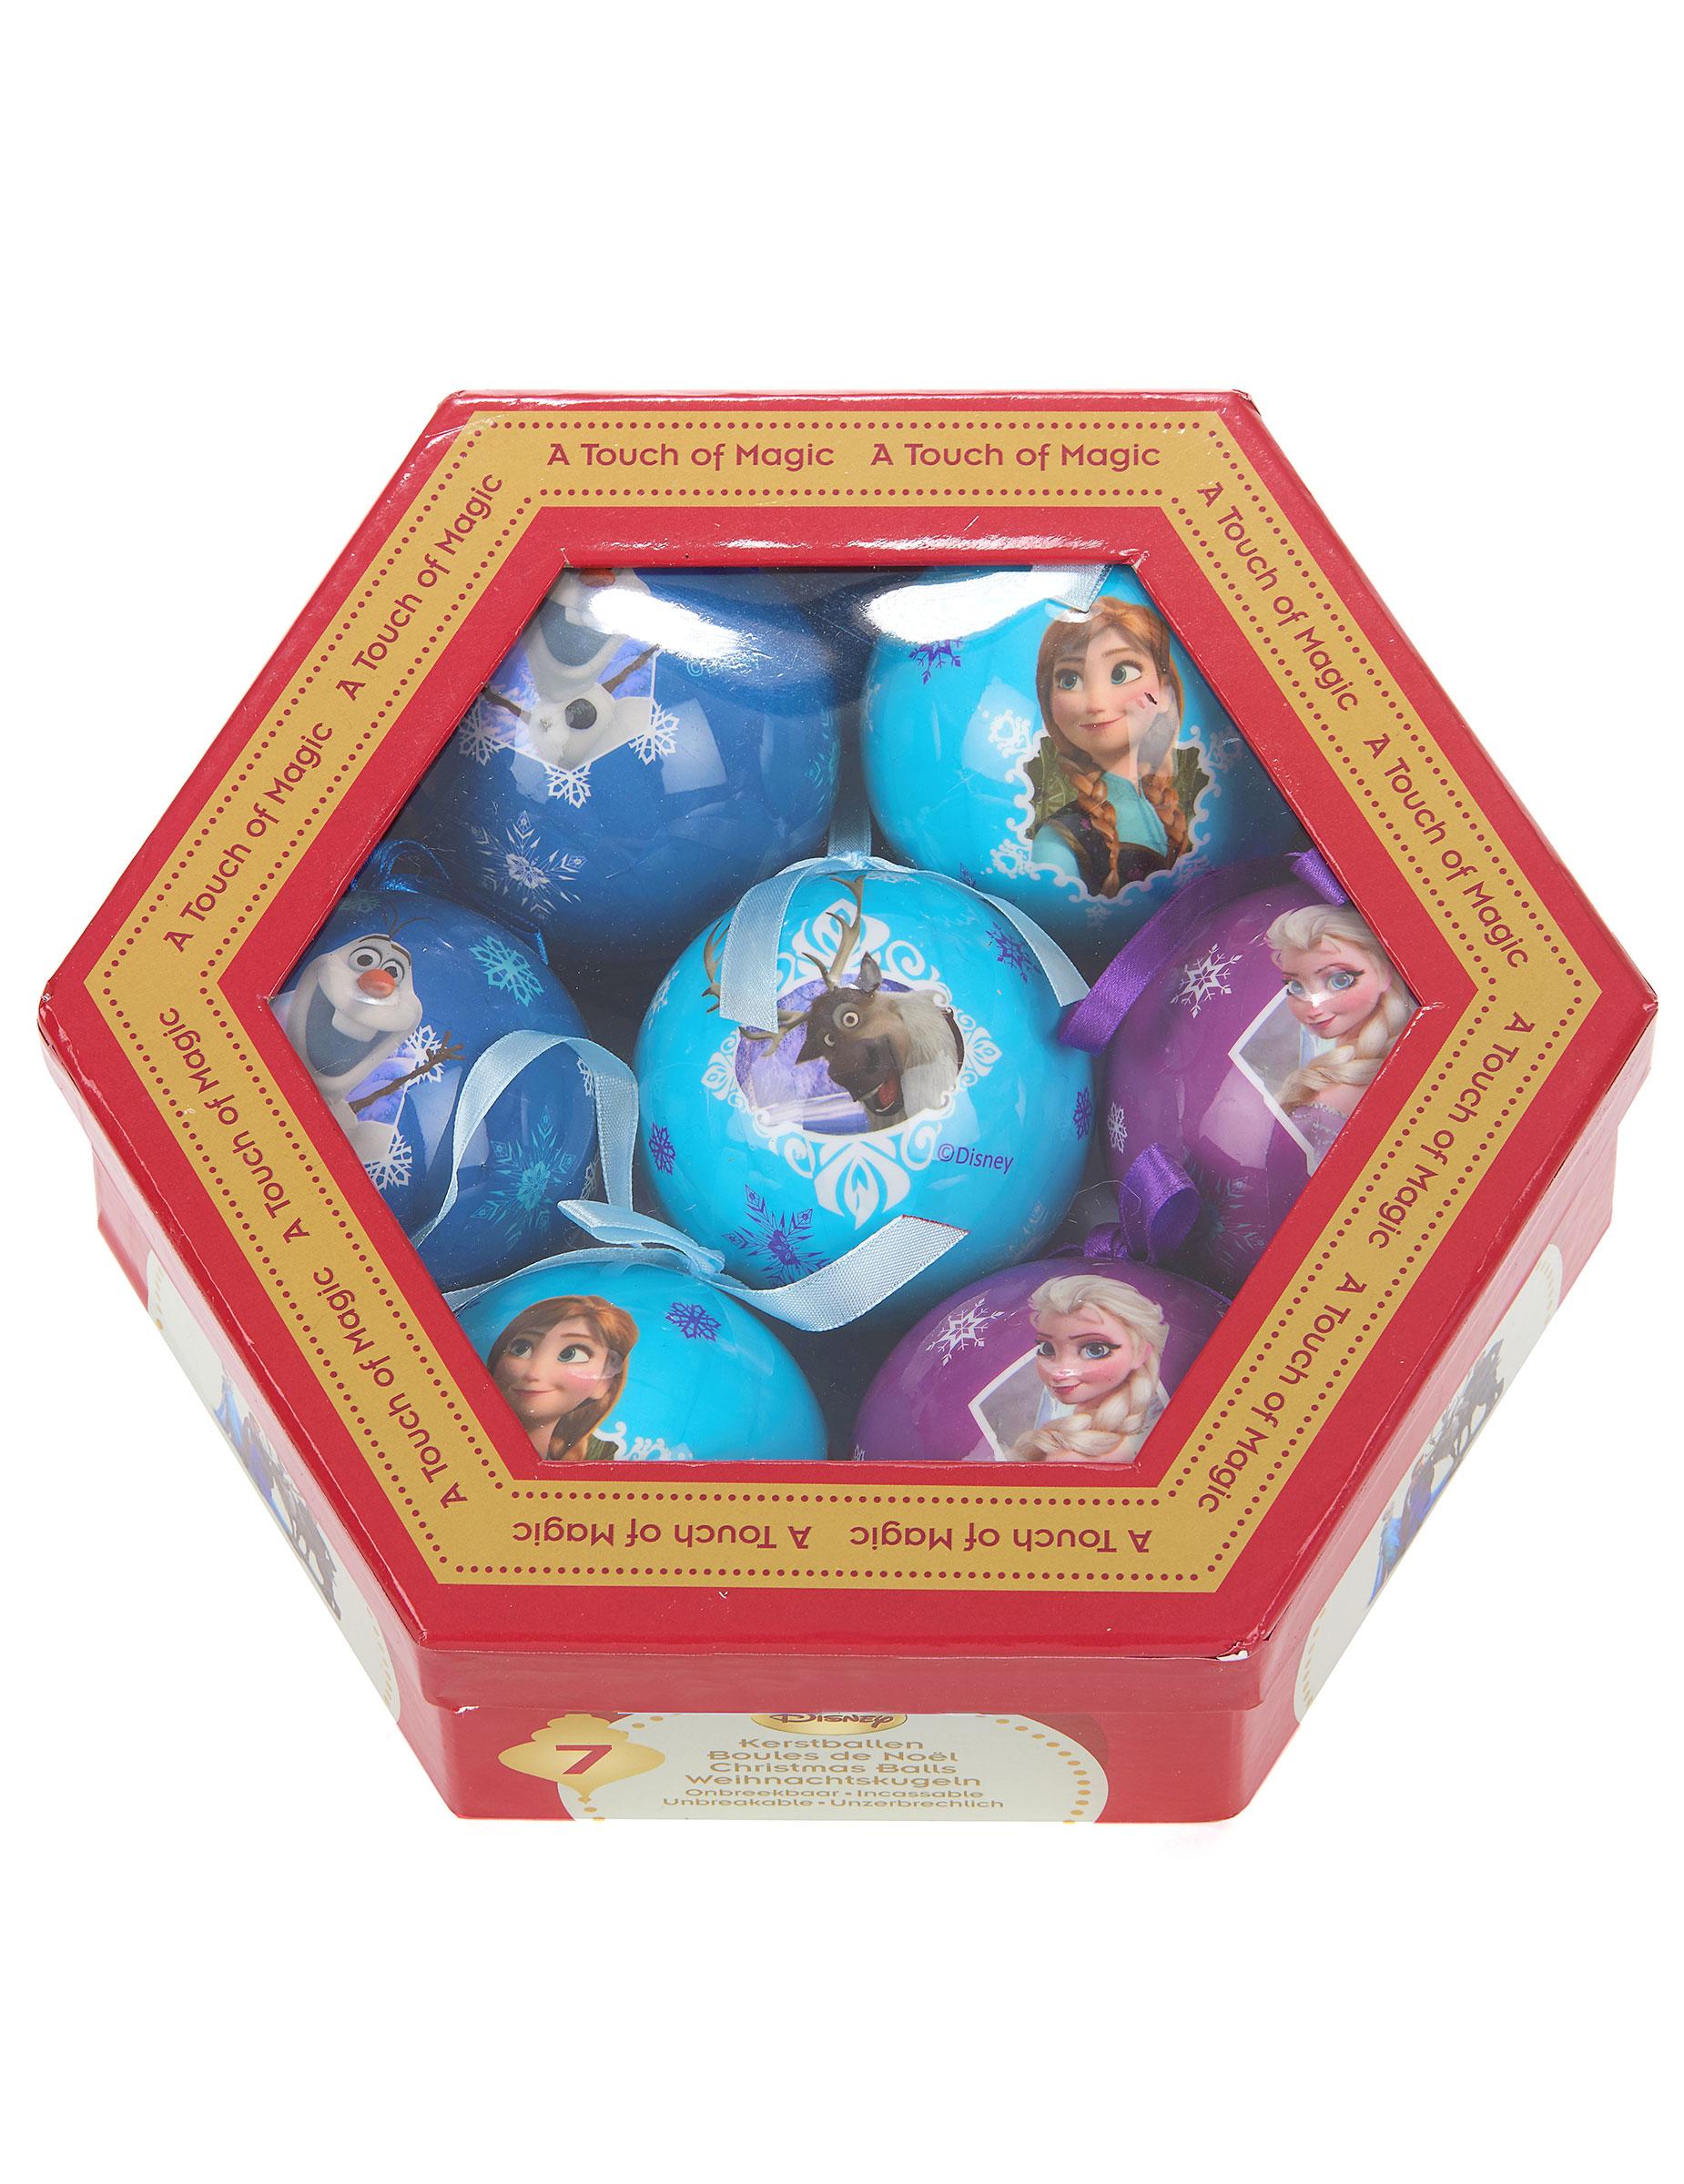 7 weihnachtskugeln mit den portraits der figuren aus disneys die eisk nigin - Disney weihnachtskugeln ...